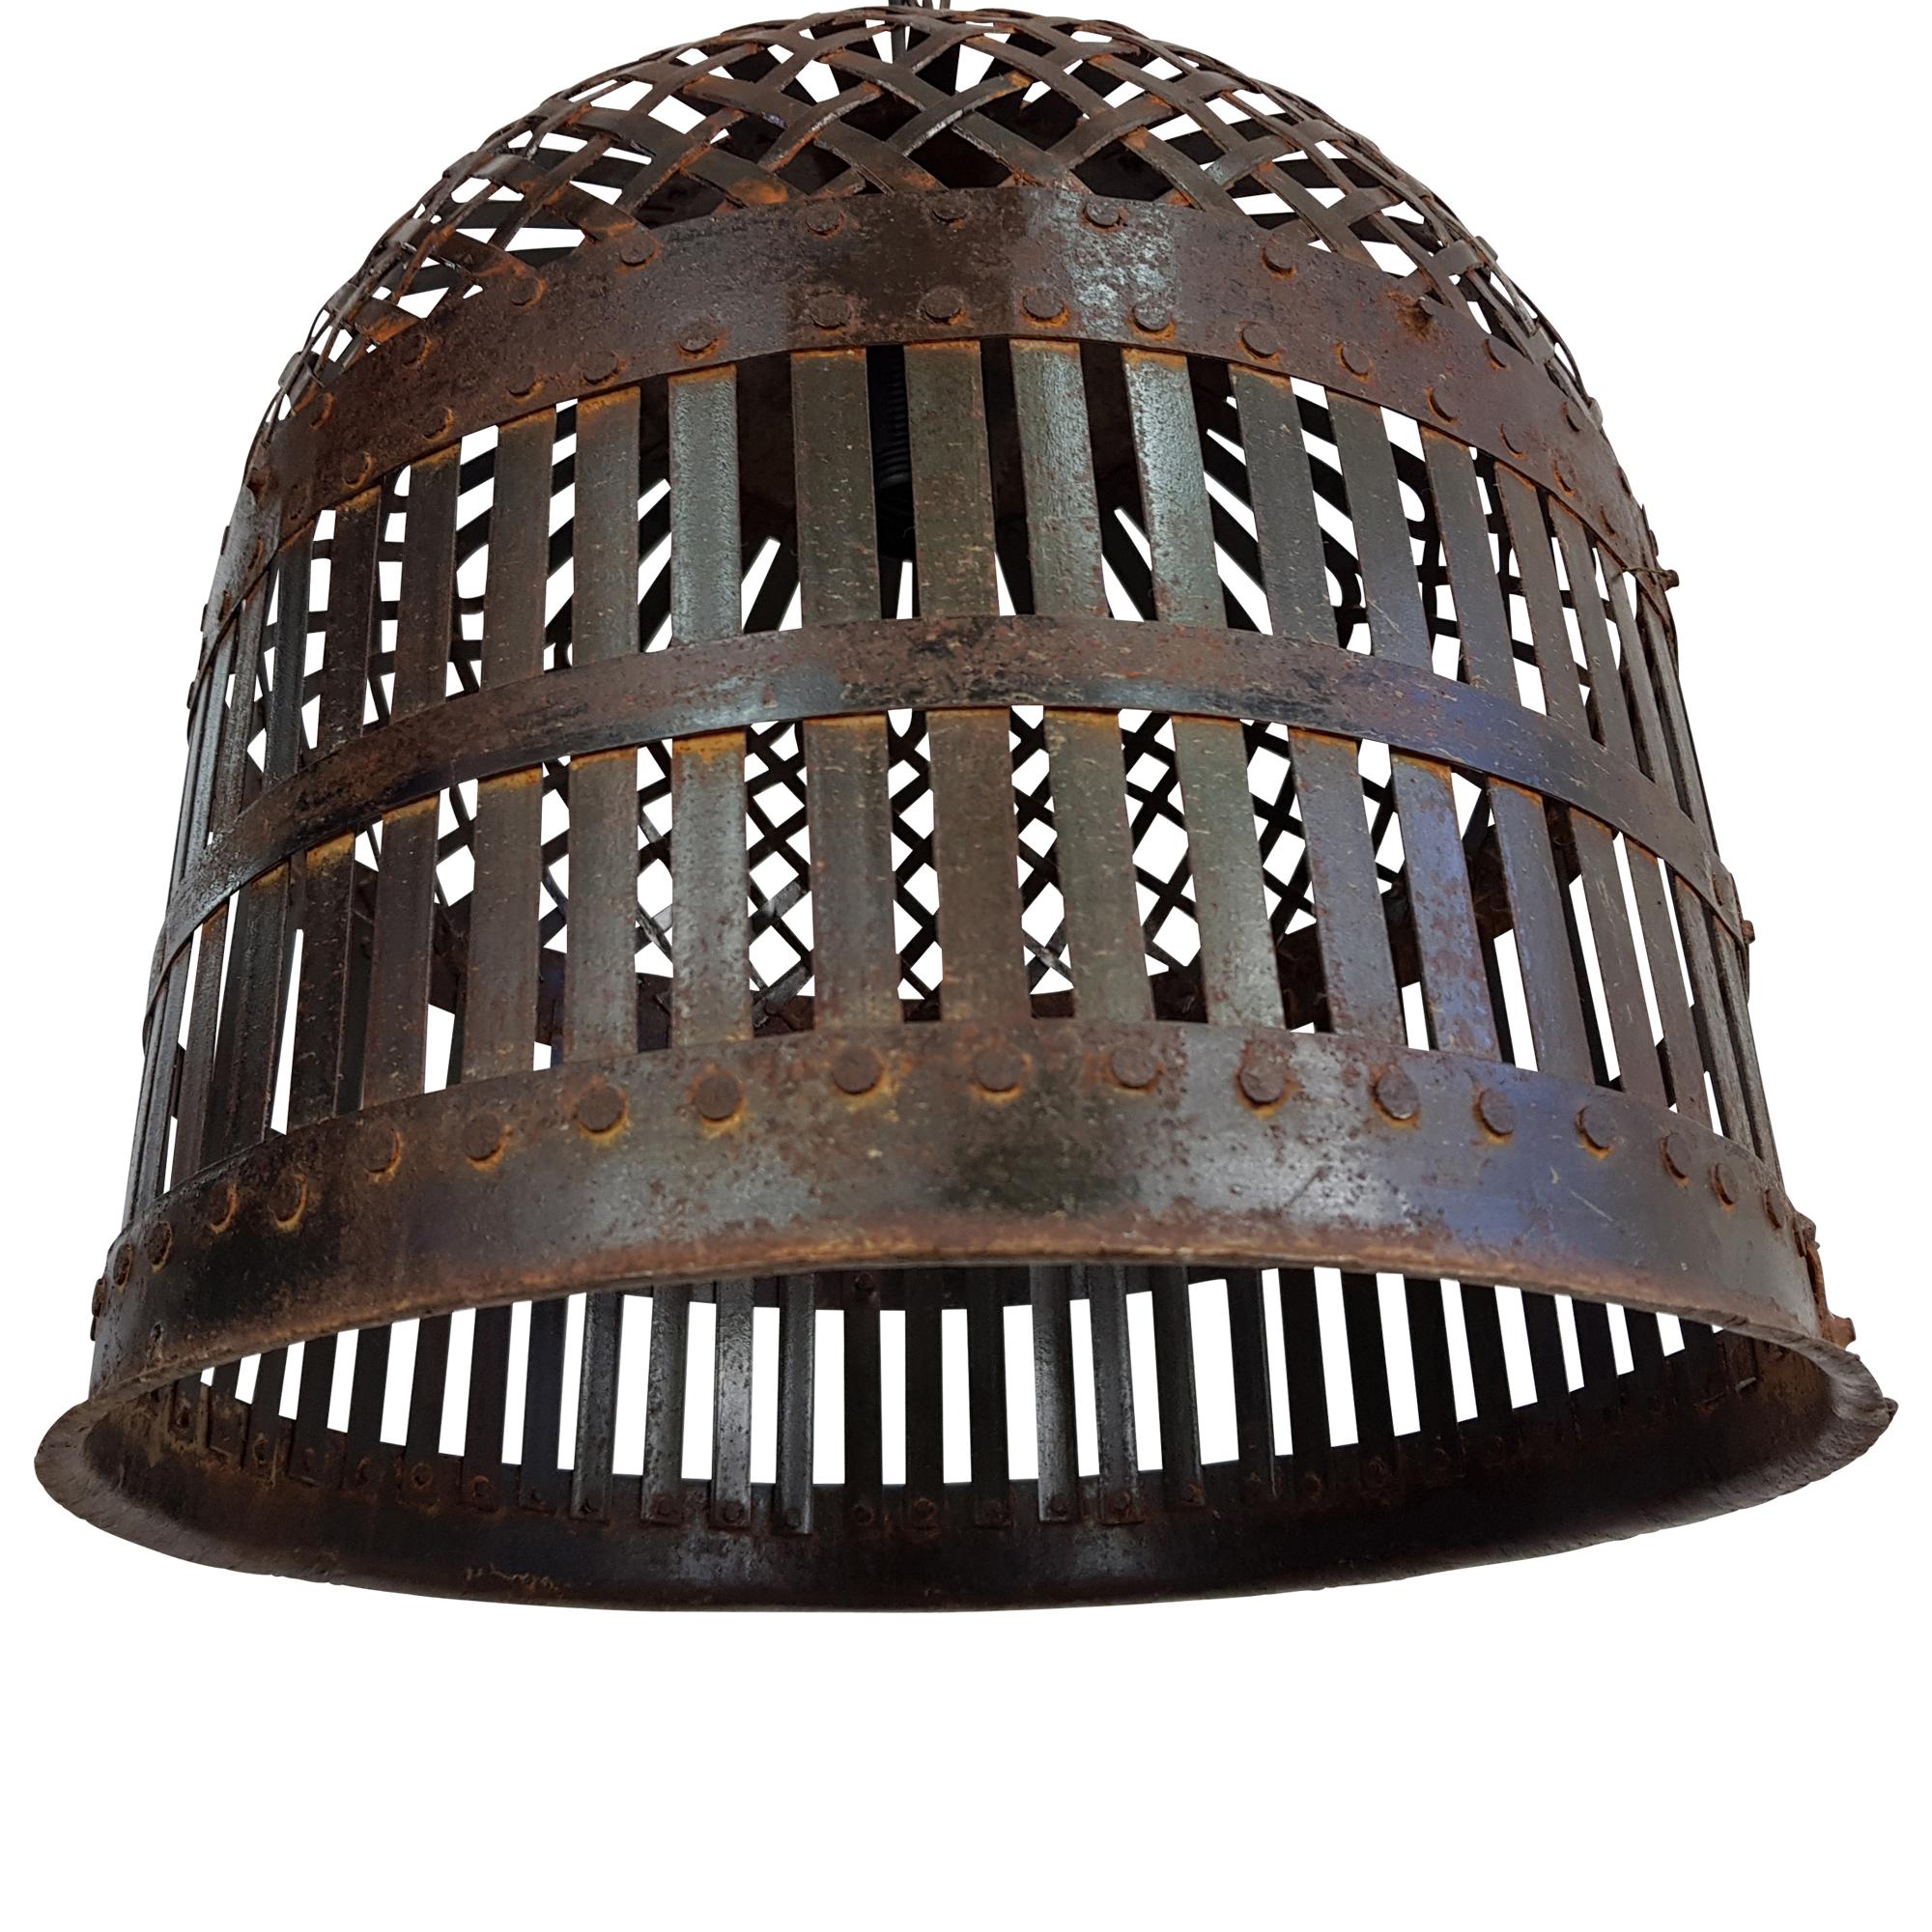 Full Size of Industrial Deckenleuchte Look Metall Design Deckenleuchten Style Vintage Schwarz Grau Elements Industrial Look Retro Hngelampe Deckenlampe Pendelleuchte Rund Wohnzimmer Industrial Deckenleuchte